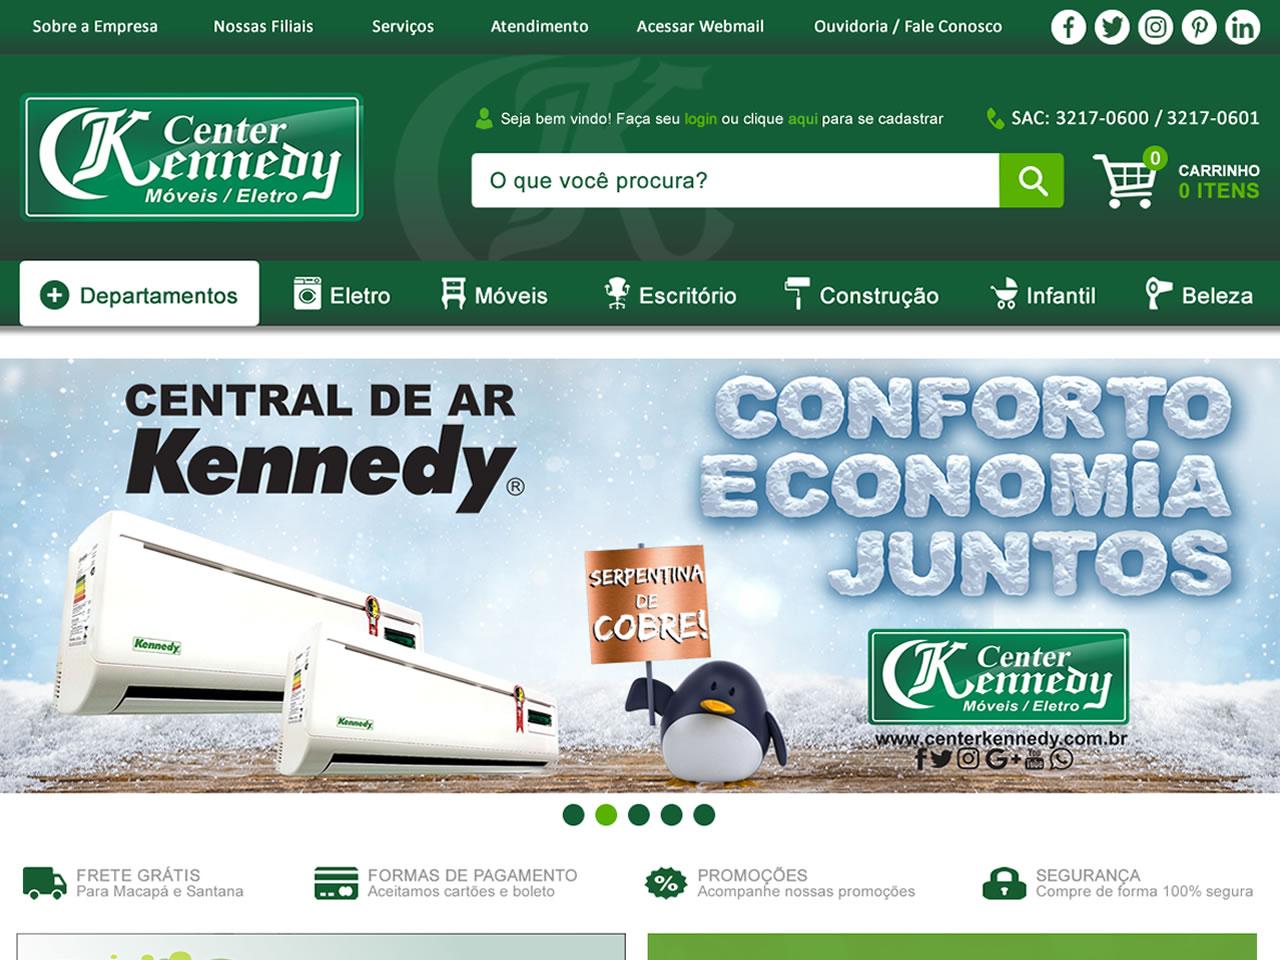 Maior rede de lojas especializadas em vendas no varejo do estado do Amapá